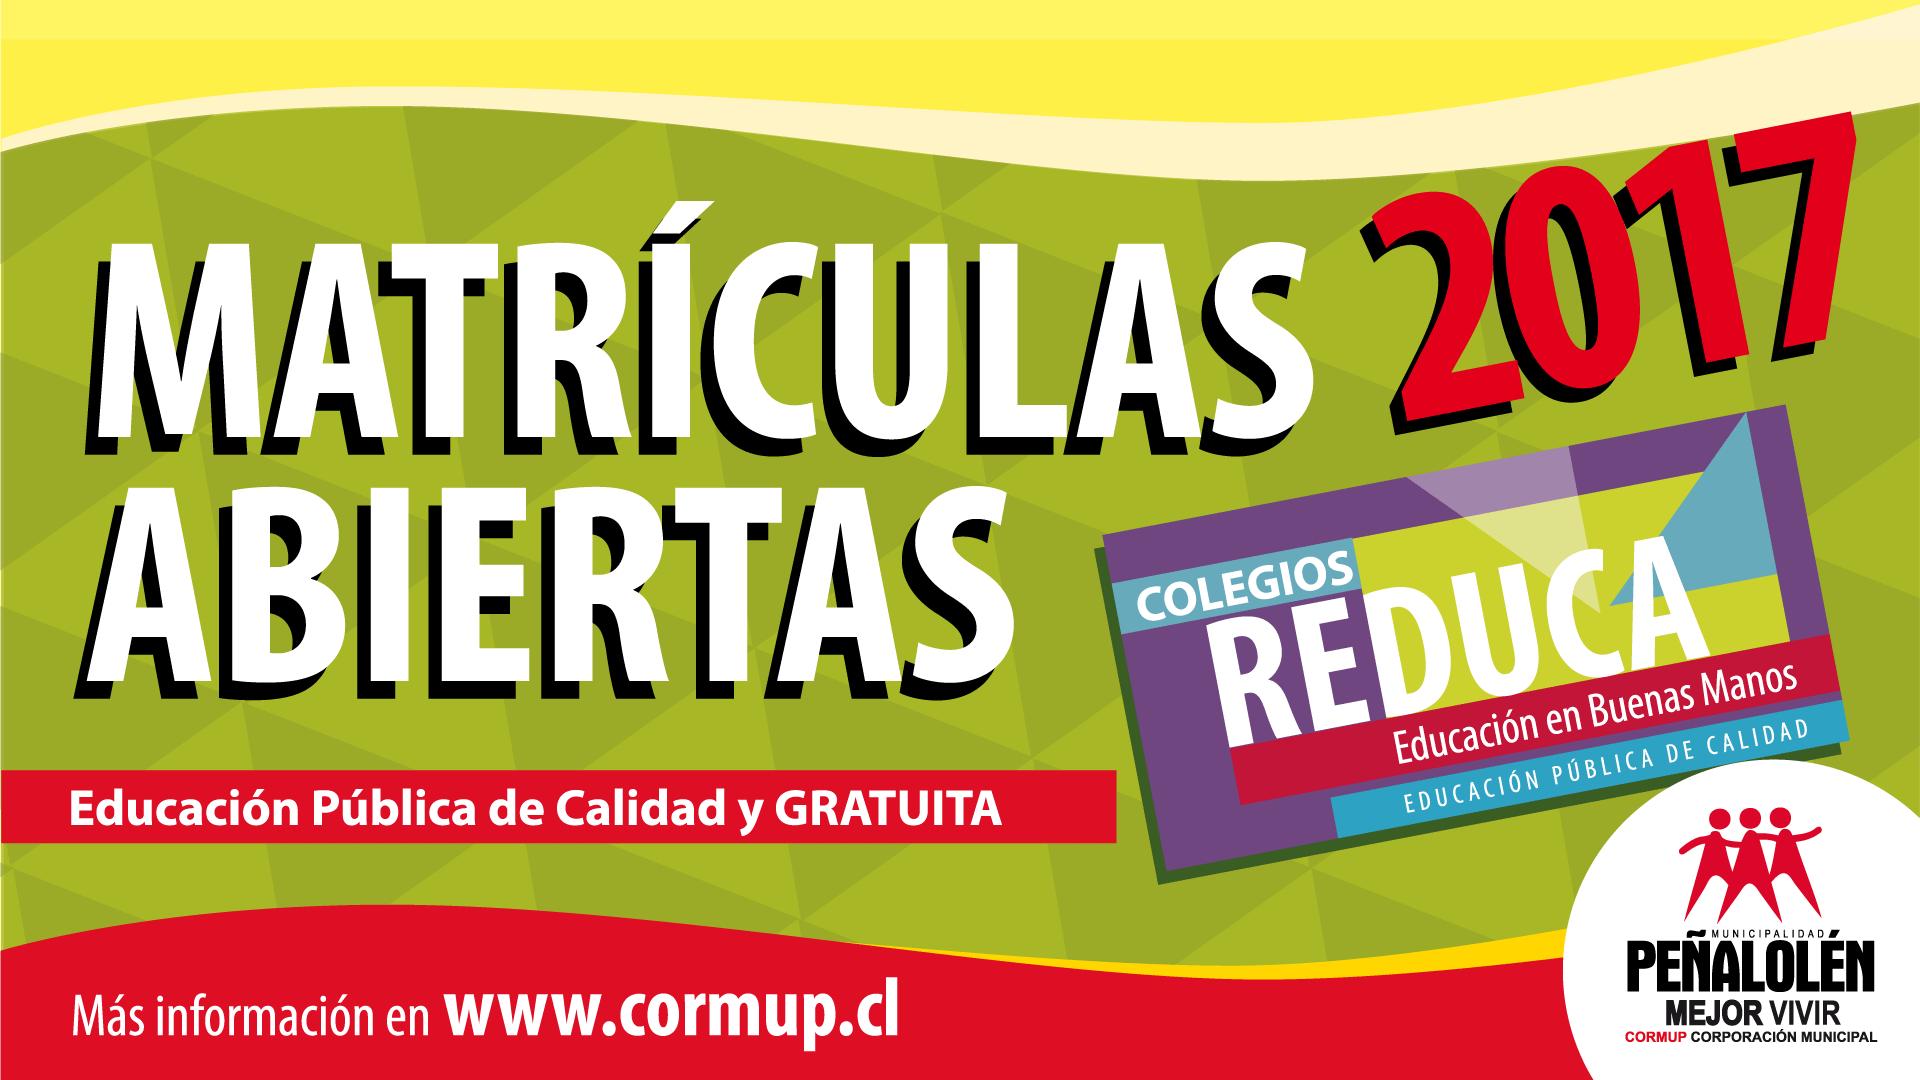 13-Matriculas-Reduca